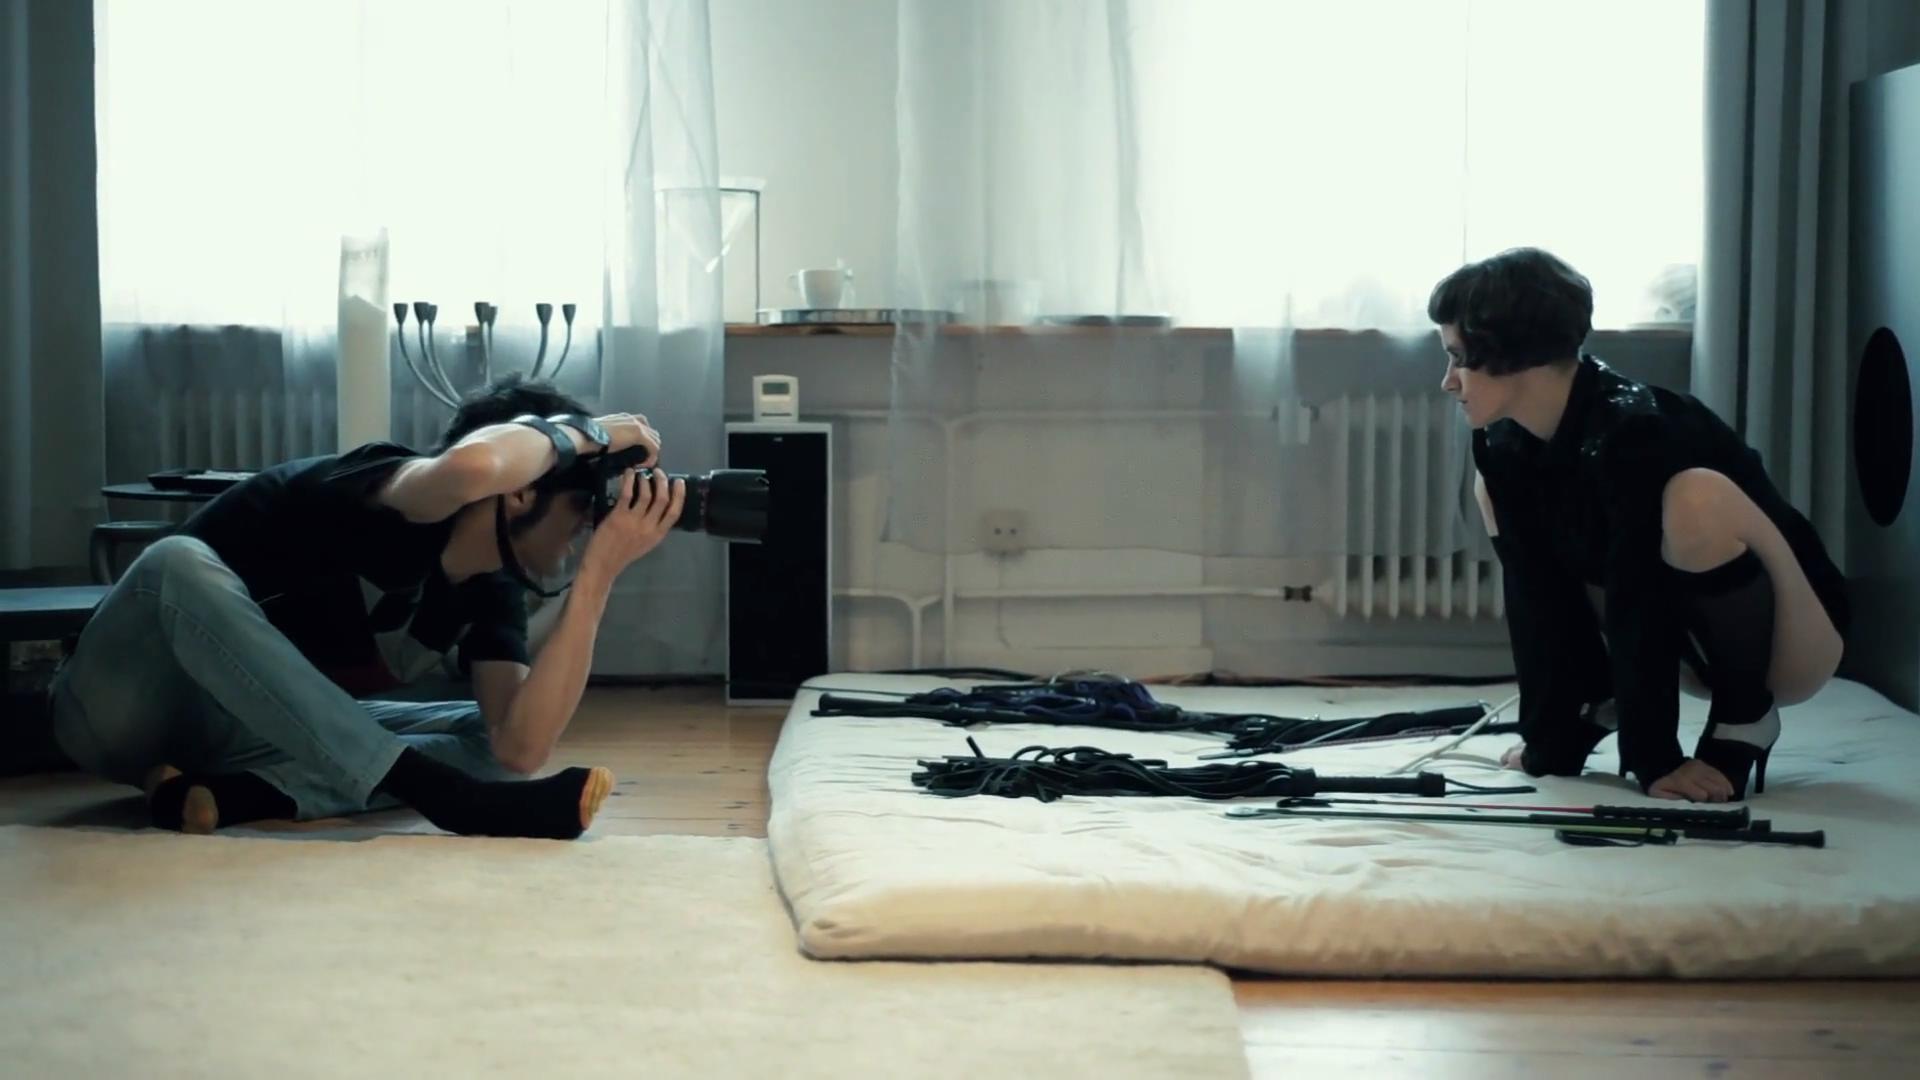 【圈子】《愉虐秘境》德意志俱乐部纪录片